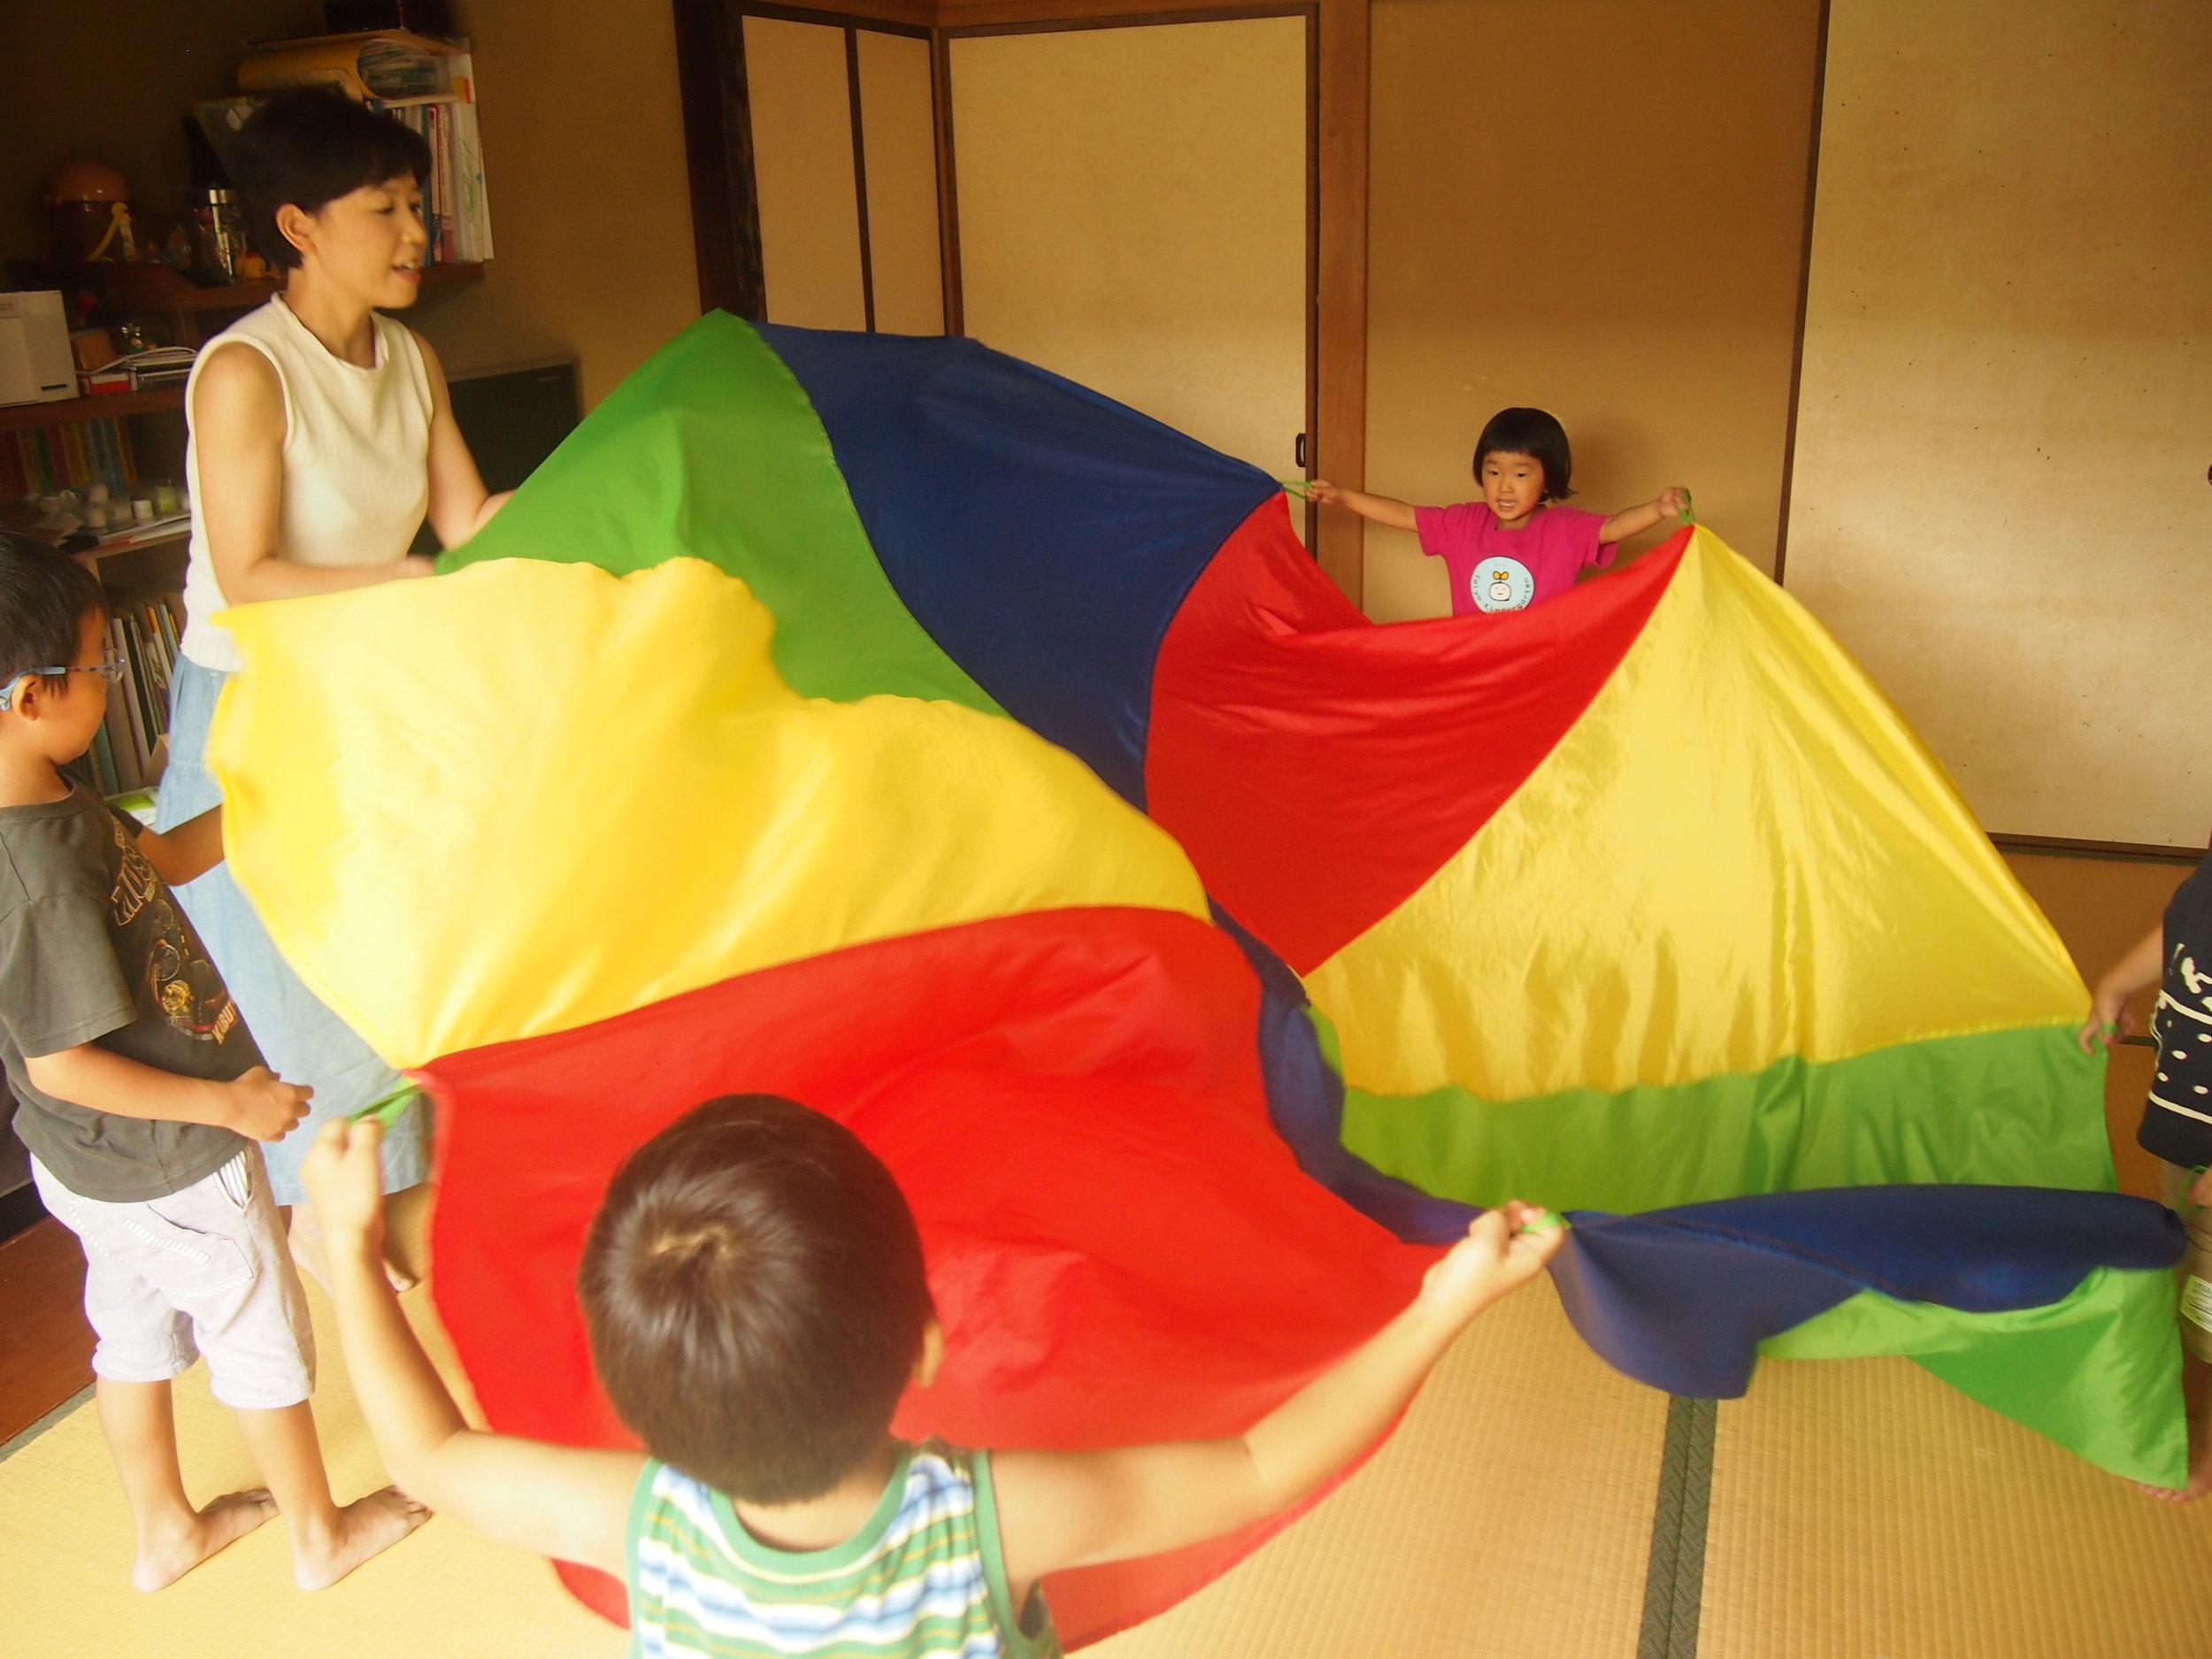 """""""My Balloon(わたしの風船)""""というソングに合わせてパラバルーンを上げたり、下げたりしながら楽しんでいます。同時に、色の名前を憶えていきます。"""